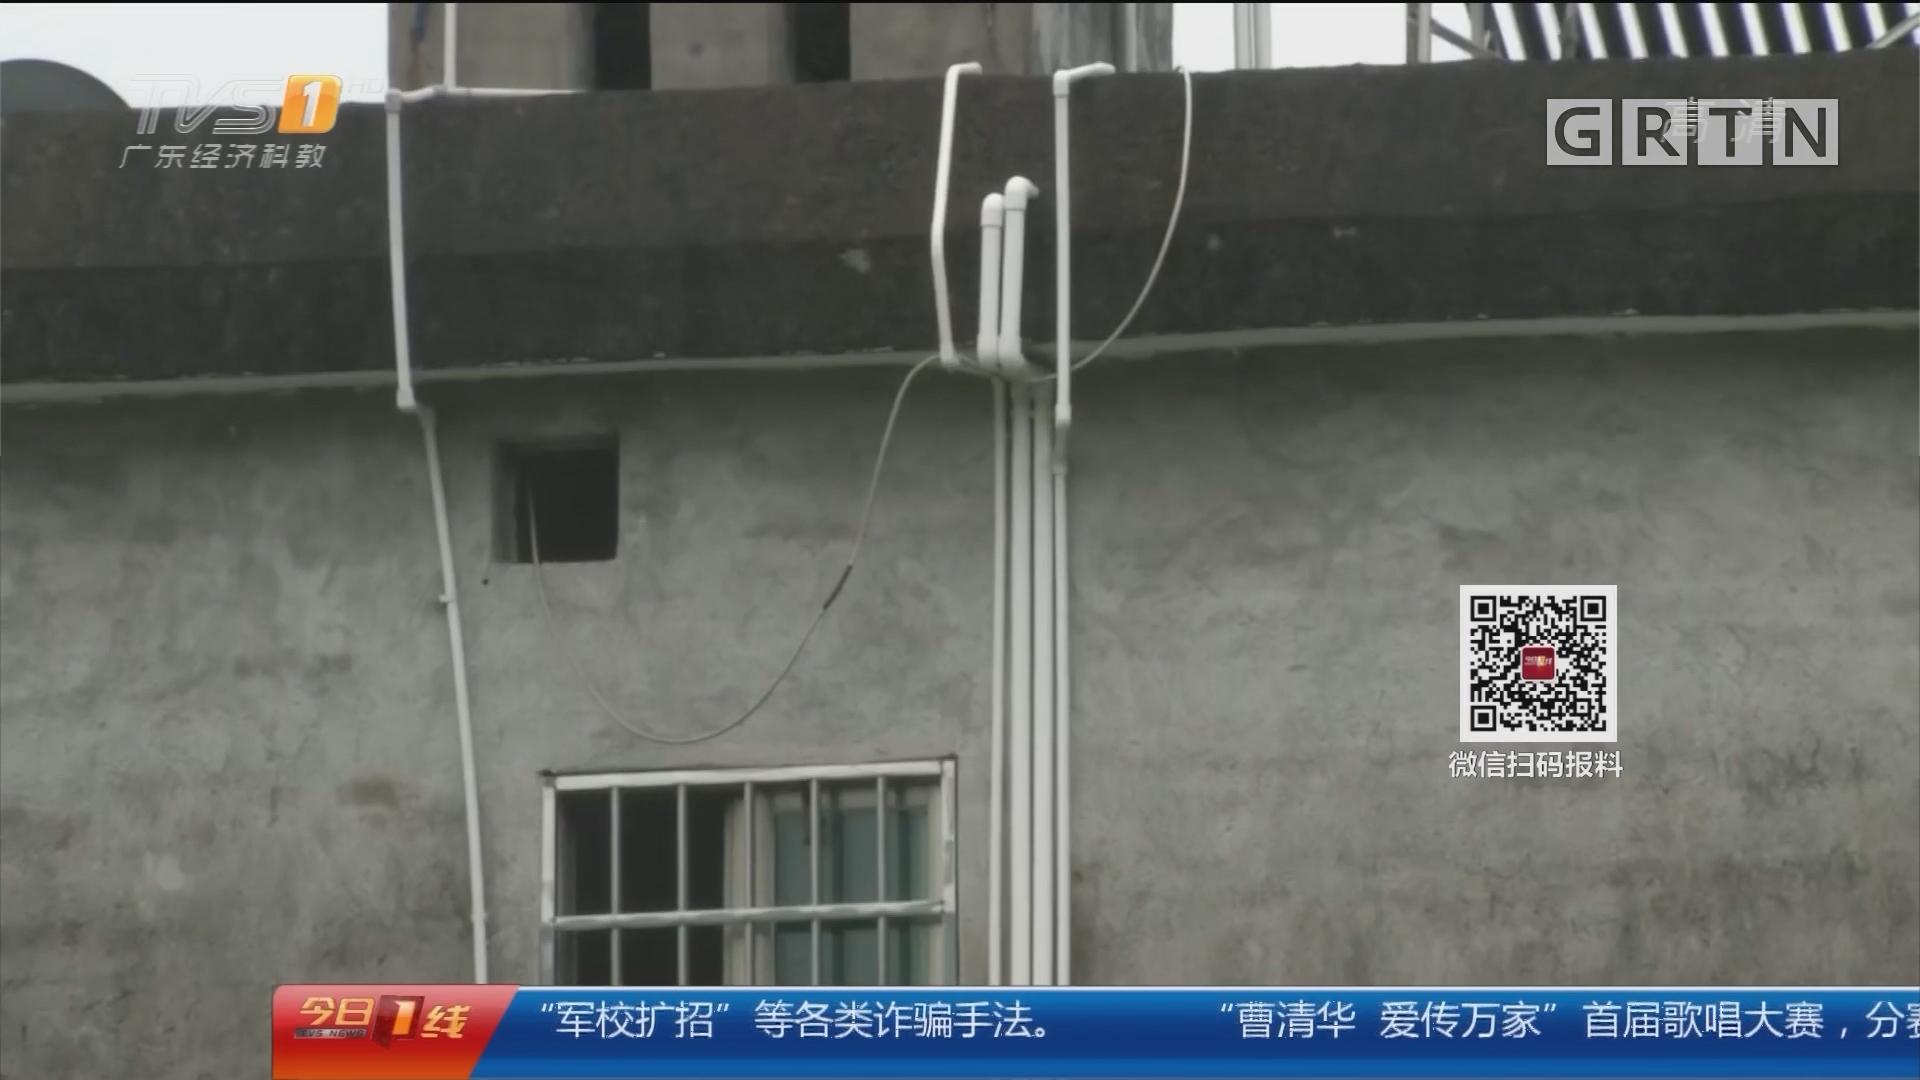 """闹心的""""惠民工程"""":惠州博罗 """"饮水工程""""建成半年就荒废 村民叫苦"""